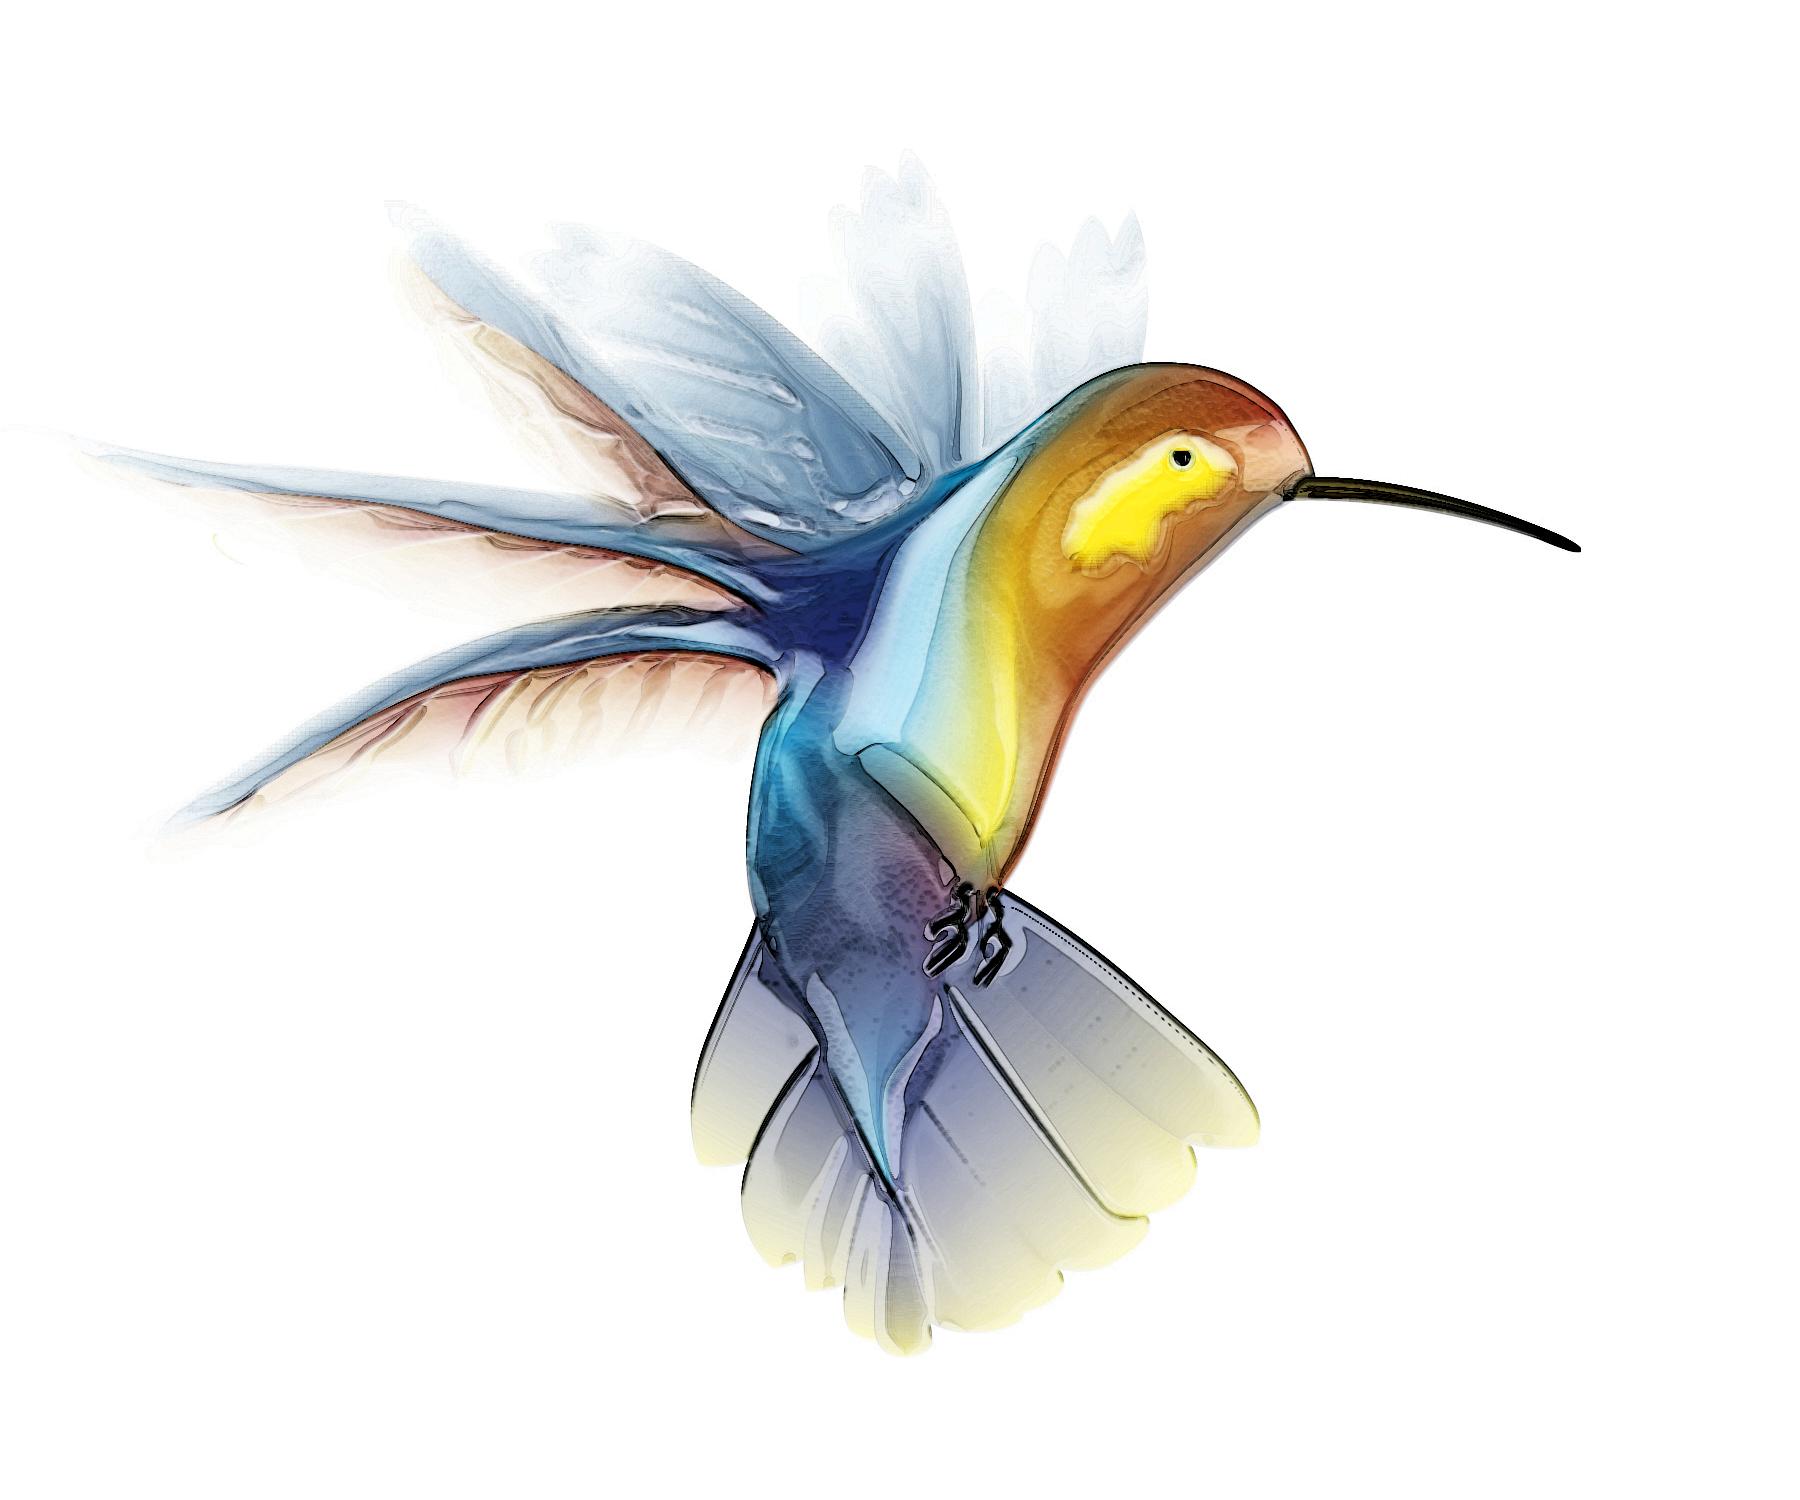 1800x1500 Hummingbird Drawings Hummingbird Image